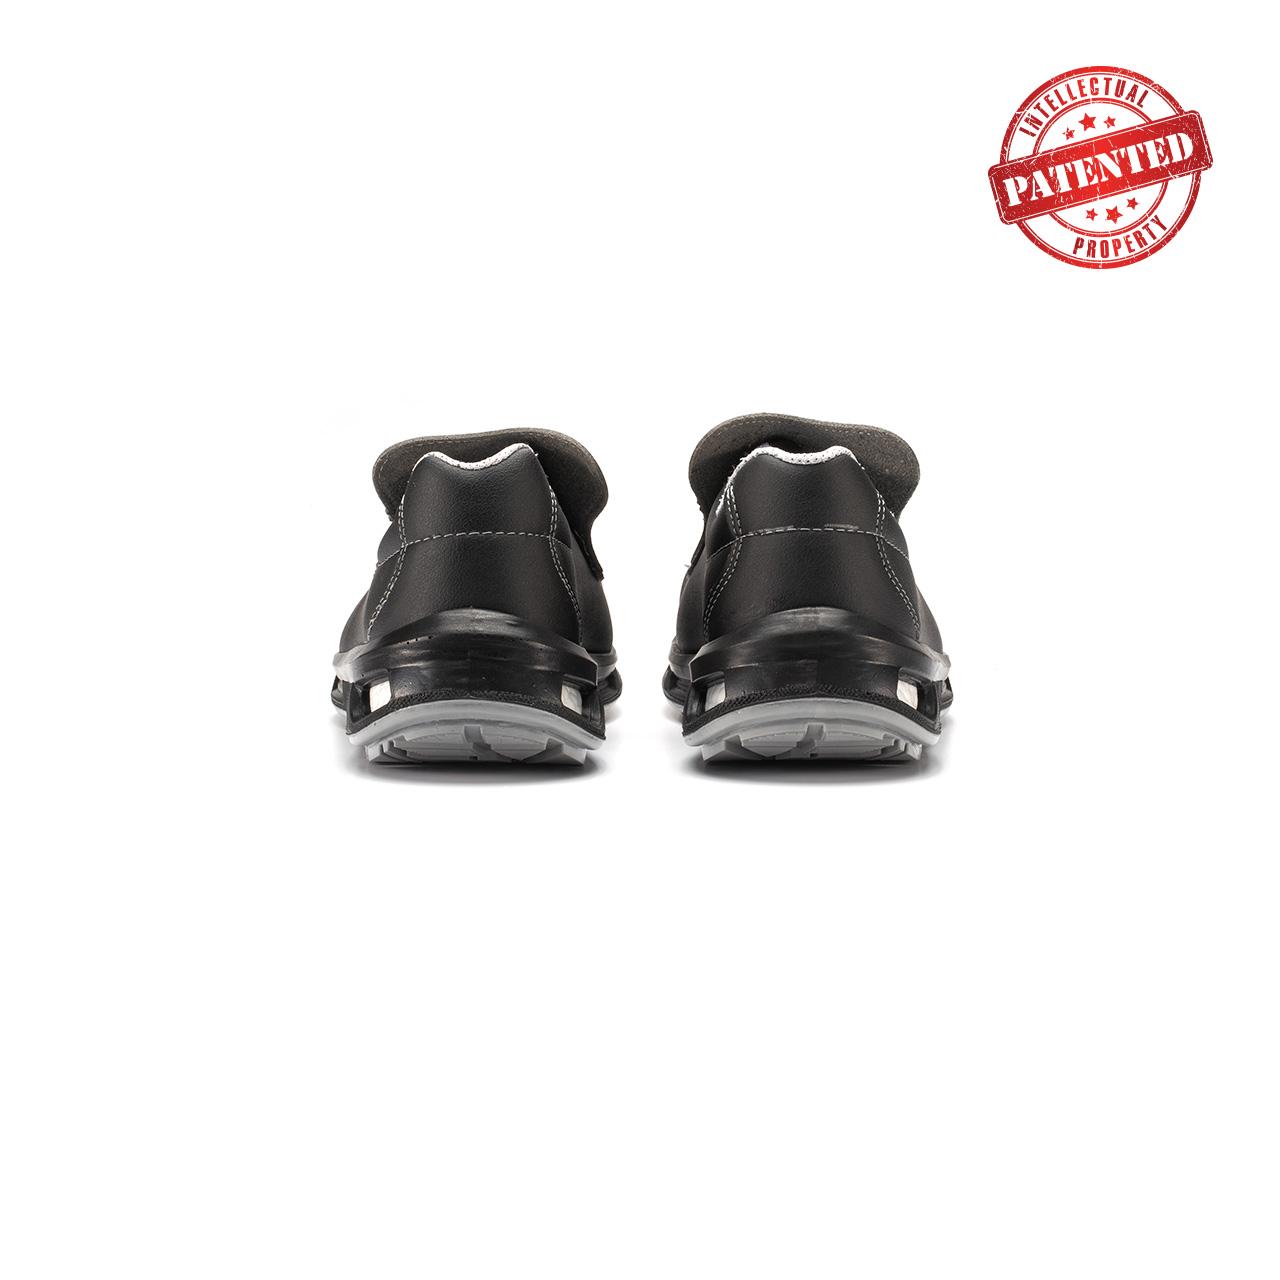 paio di scarpe antinfortunistiche upower modello noir linea redlion vista retro